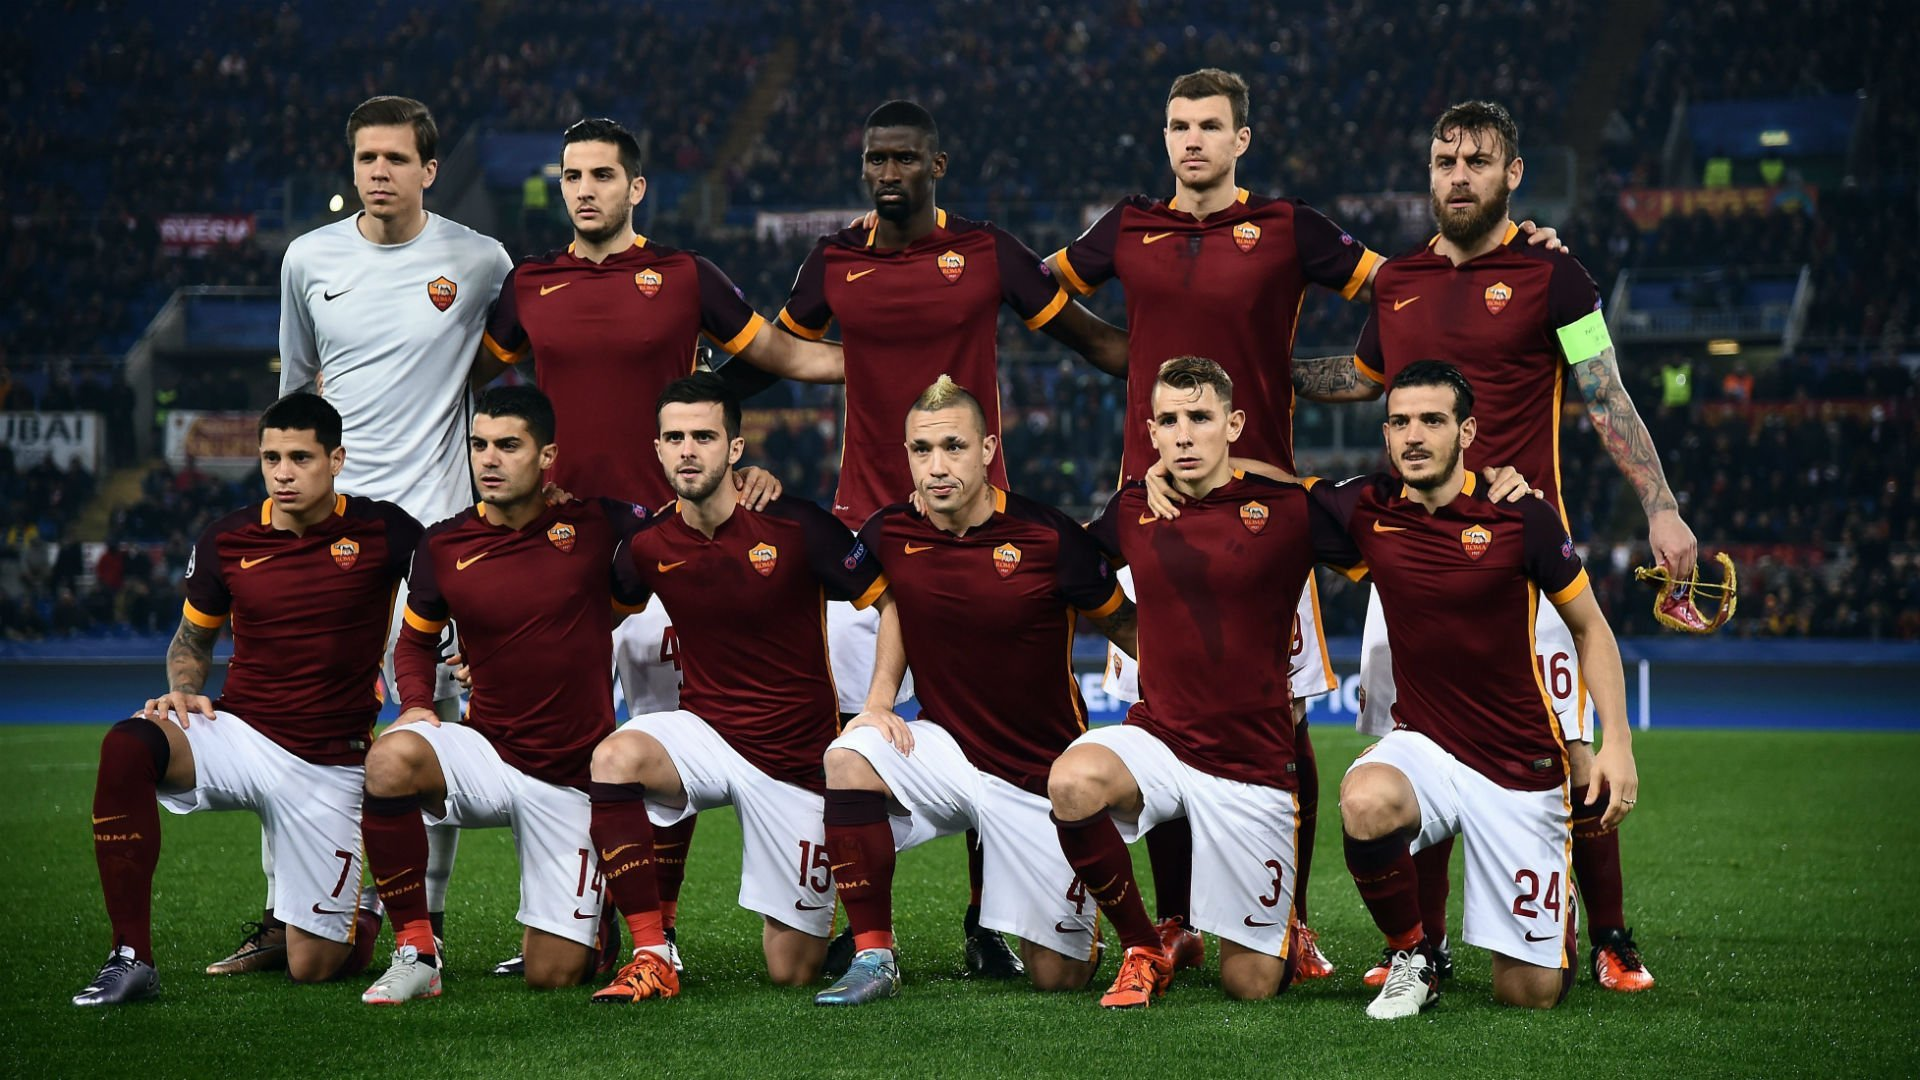 Ставки на футбол на Фиорентина — Рома. Ставки на чемпионат Италии 5 Ноября 2017